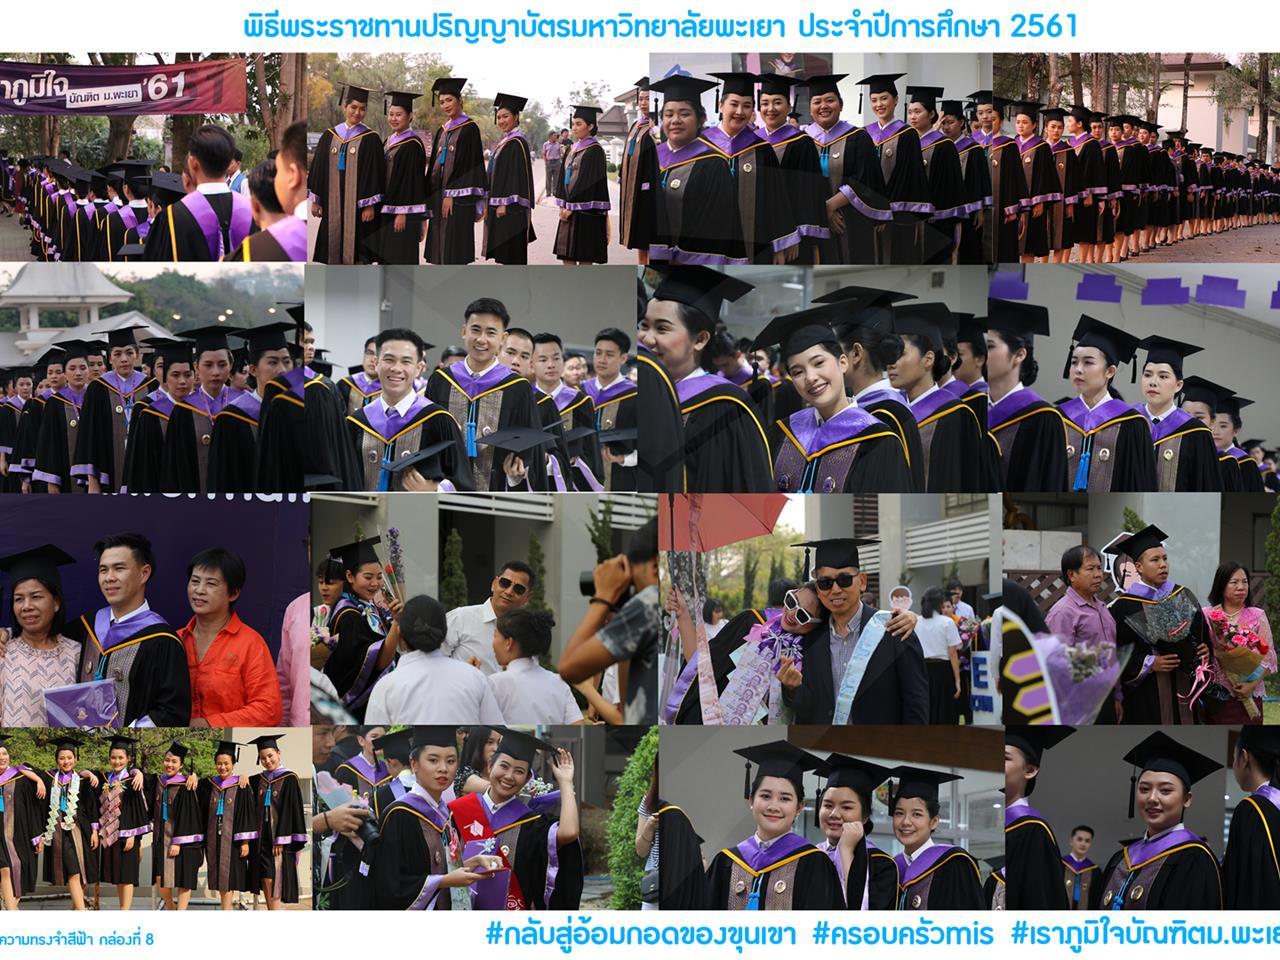 บรรยากาศวันรับพระราชทานปริญญาบัตร มหาวิทยาลัยพะเยา ประจำปีการศึกษา 2561